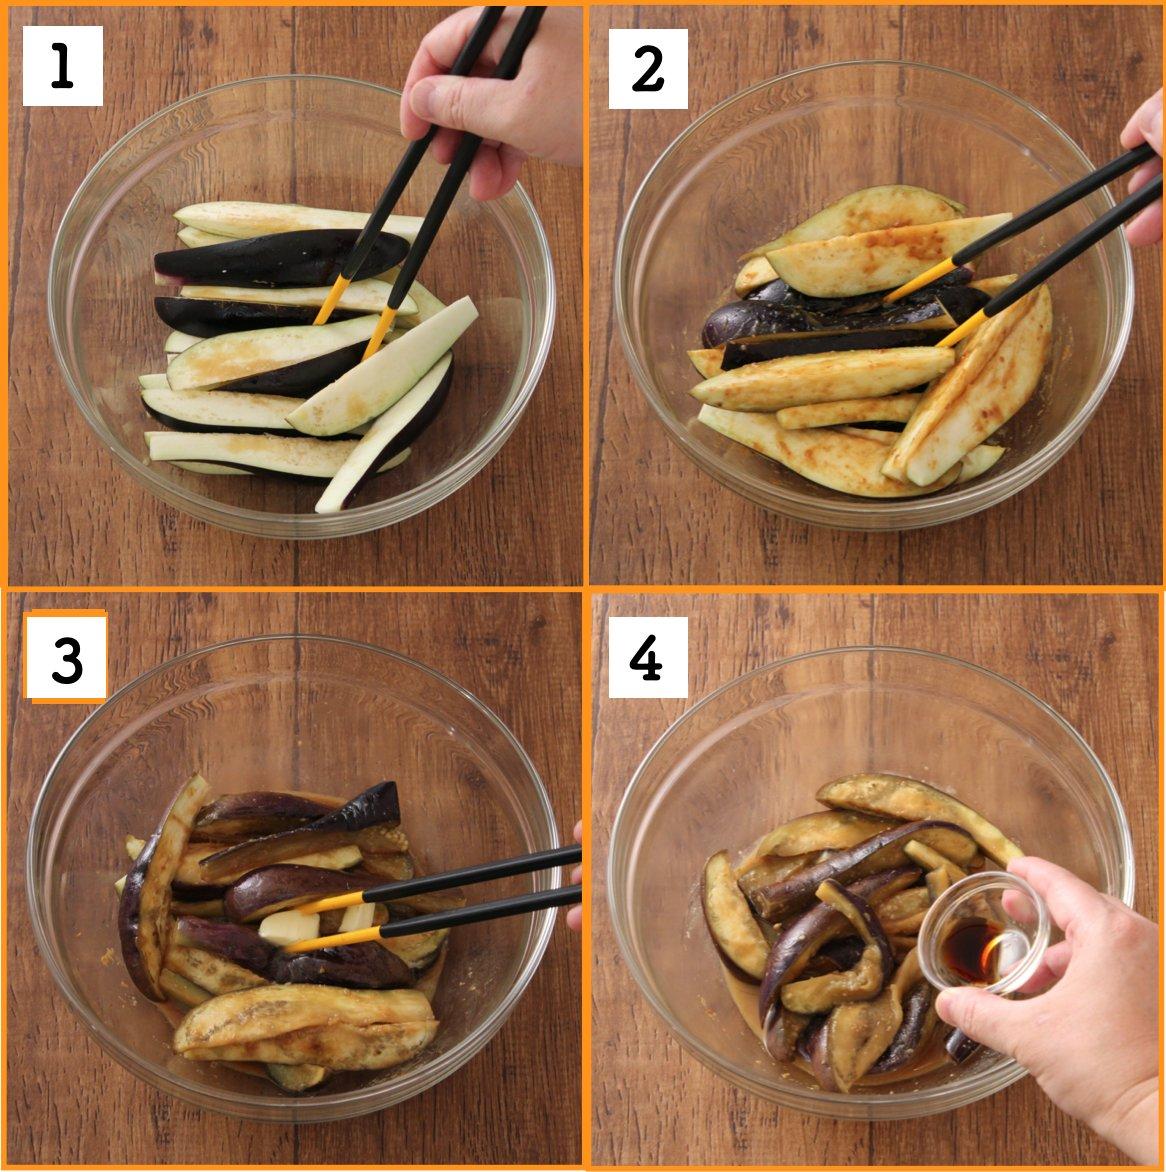 ナス好きにはたまらない?「なす味噌バター丼」は至福の味!